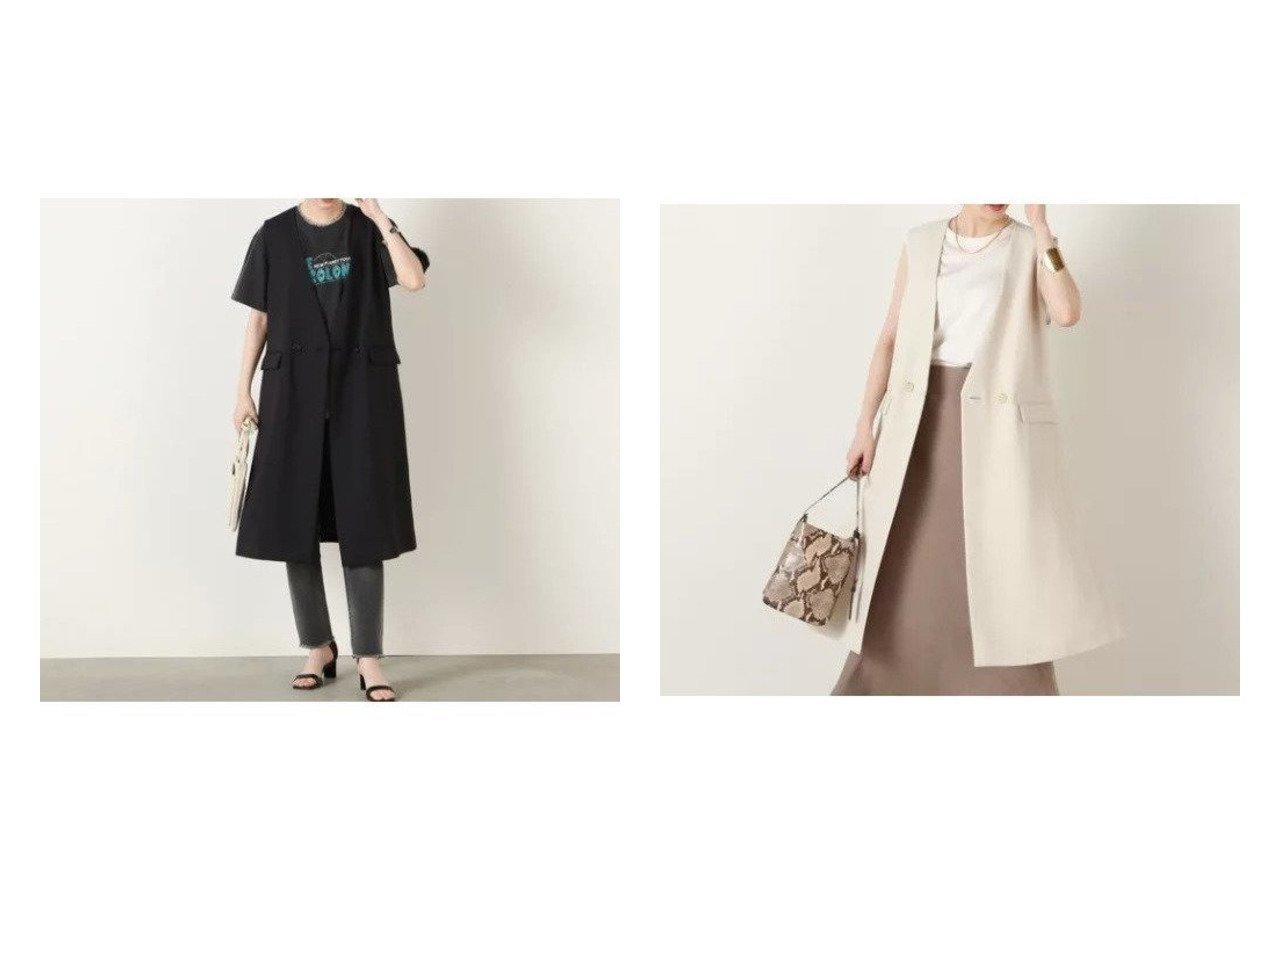 【NOLLEY'S/ノーリーズ】のドライタスランスリットジレ 【アウター】おすすめ!人気、トレンド・レディースファッションの通販 おすすめで人気の流行・トレンド、ファッションの通販商品 インテリア・家具・メンズファッション・キッズファッション・レディースファッション・服の通販 founy(ファニー) https://founy.com/ ファッション Fashion レディースファッション WOMEN アウター Coat Outerwear コート Coats 2021年 2021 2021-2022秋冬・A/W AW・Autumn/Winter・FW・Fall-Winter・2021-2022 A/W・秋冬 AW・Autumn/Winter・FW・Fall-Winter インナー シンプル スリット 冬 Winter |ID:crp329100000062672